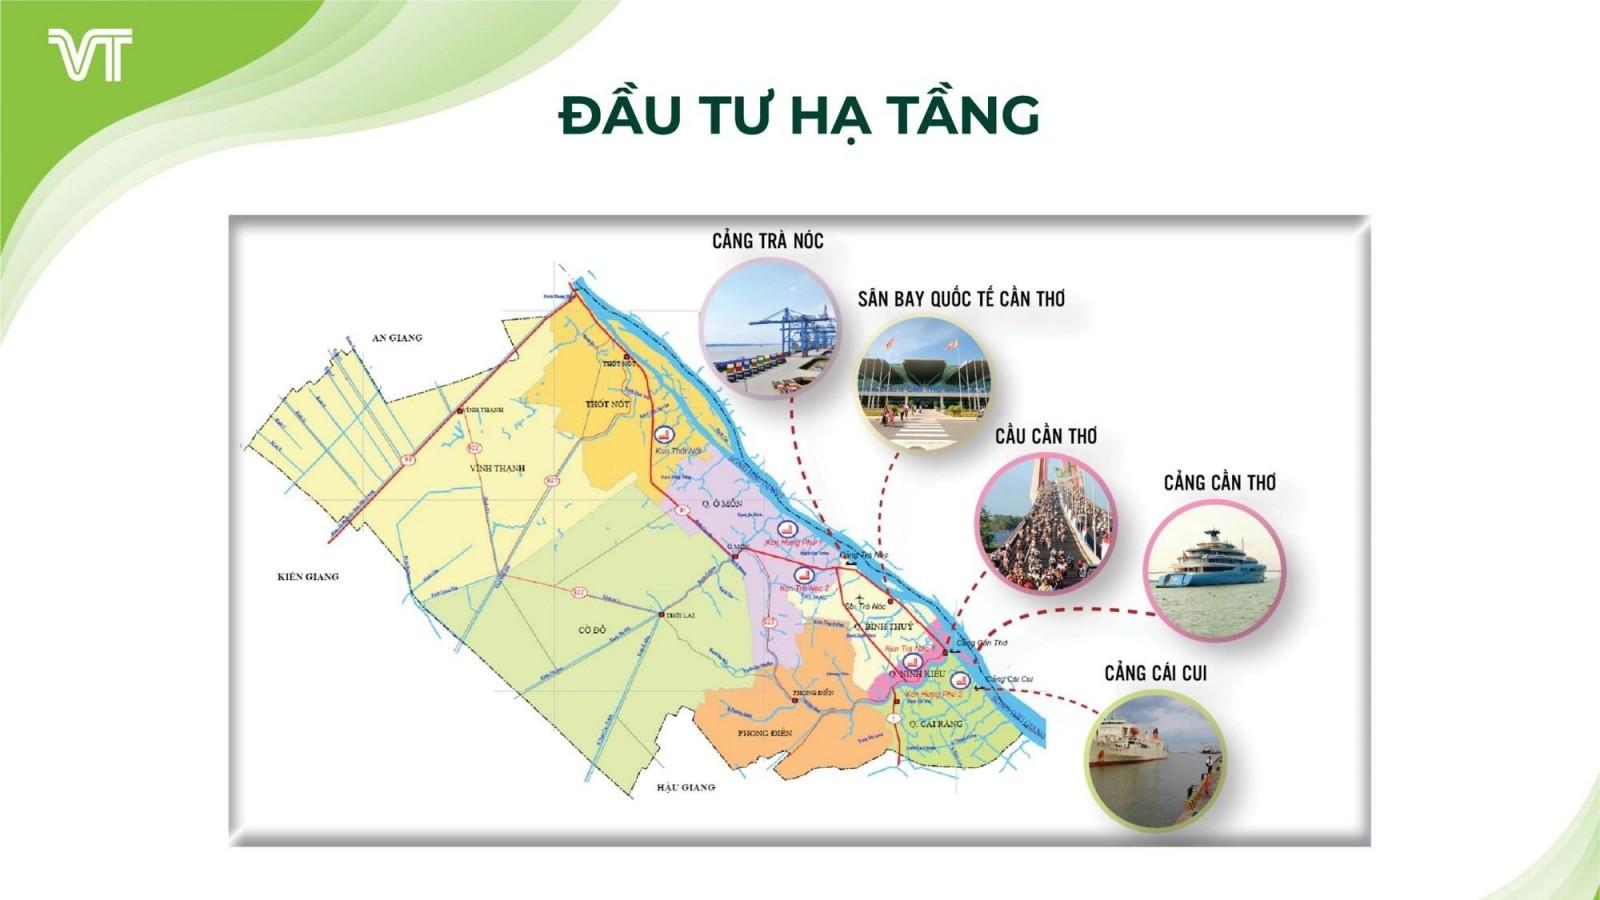 Hình ảnh đầu tư hạ tầng tại khu vực Cần Thơ